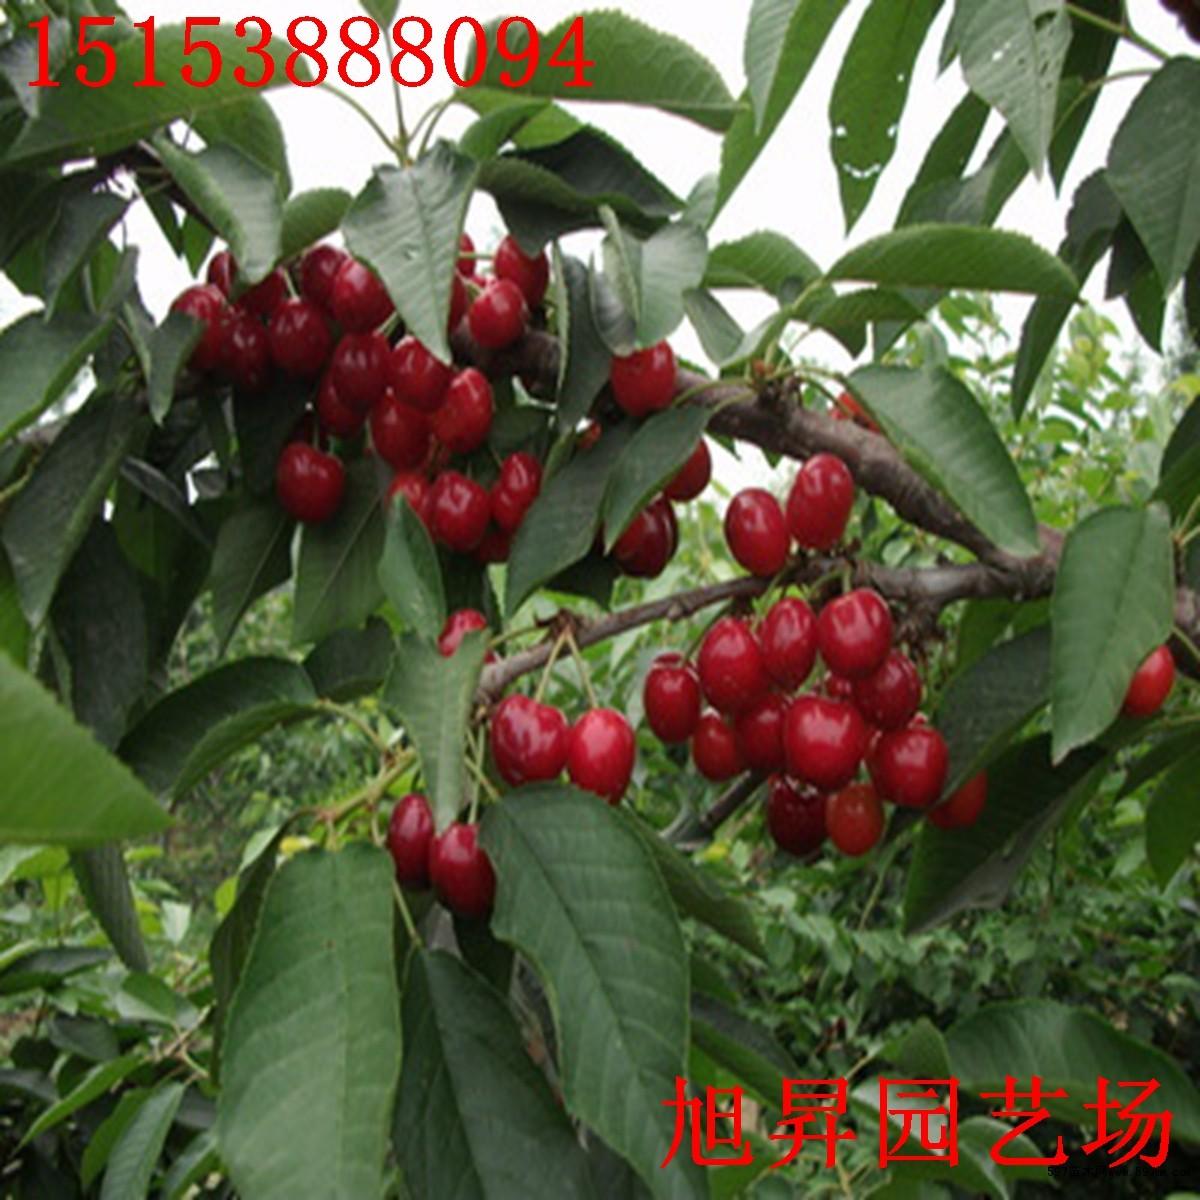 玛瑙红樱桃树苗货源地